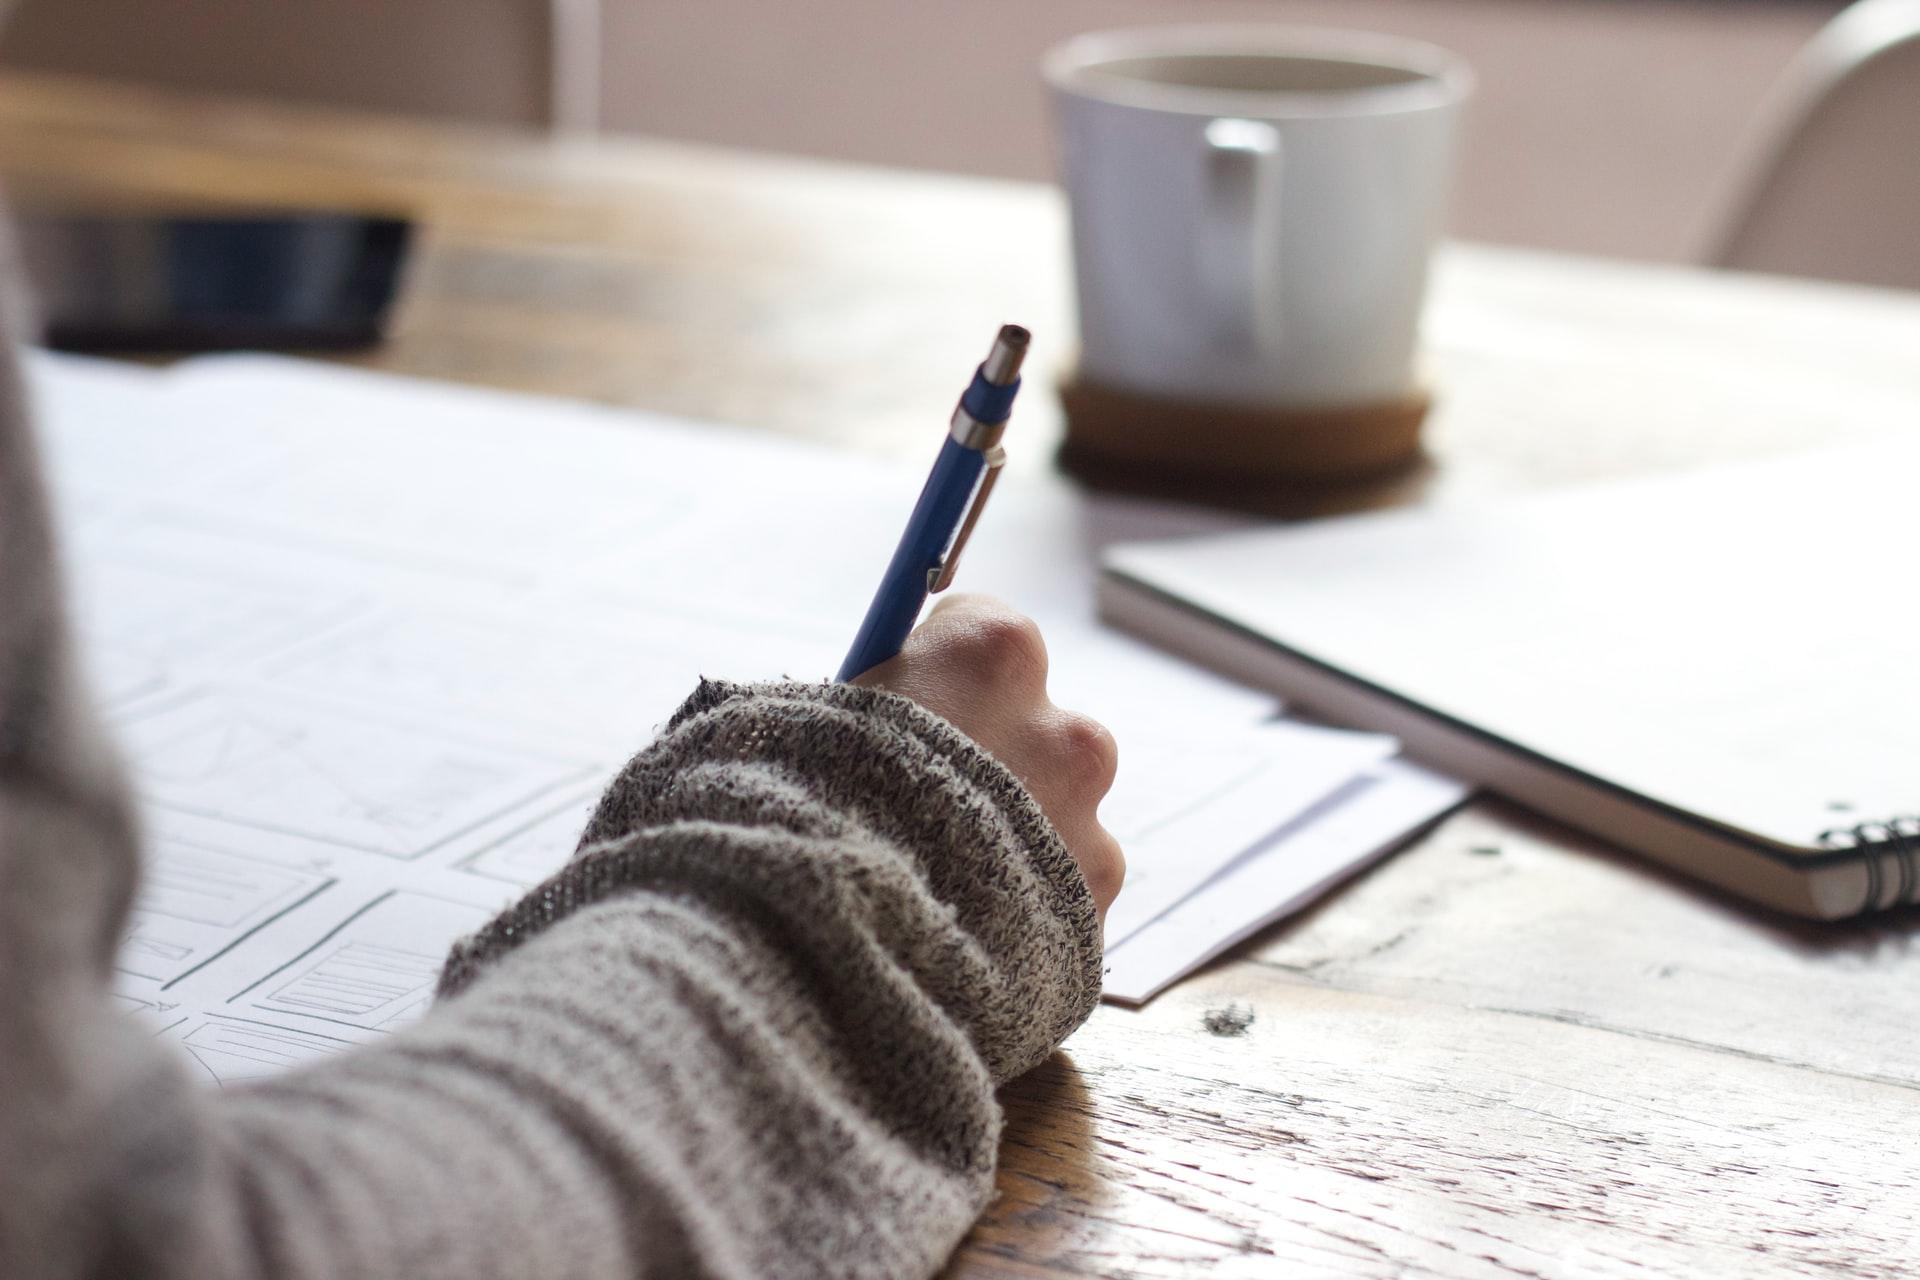 En person skriver något på ett papper.